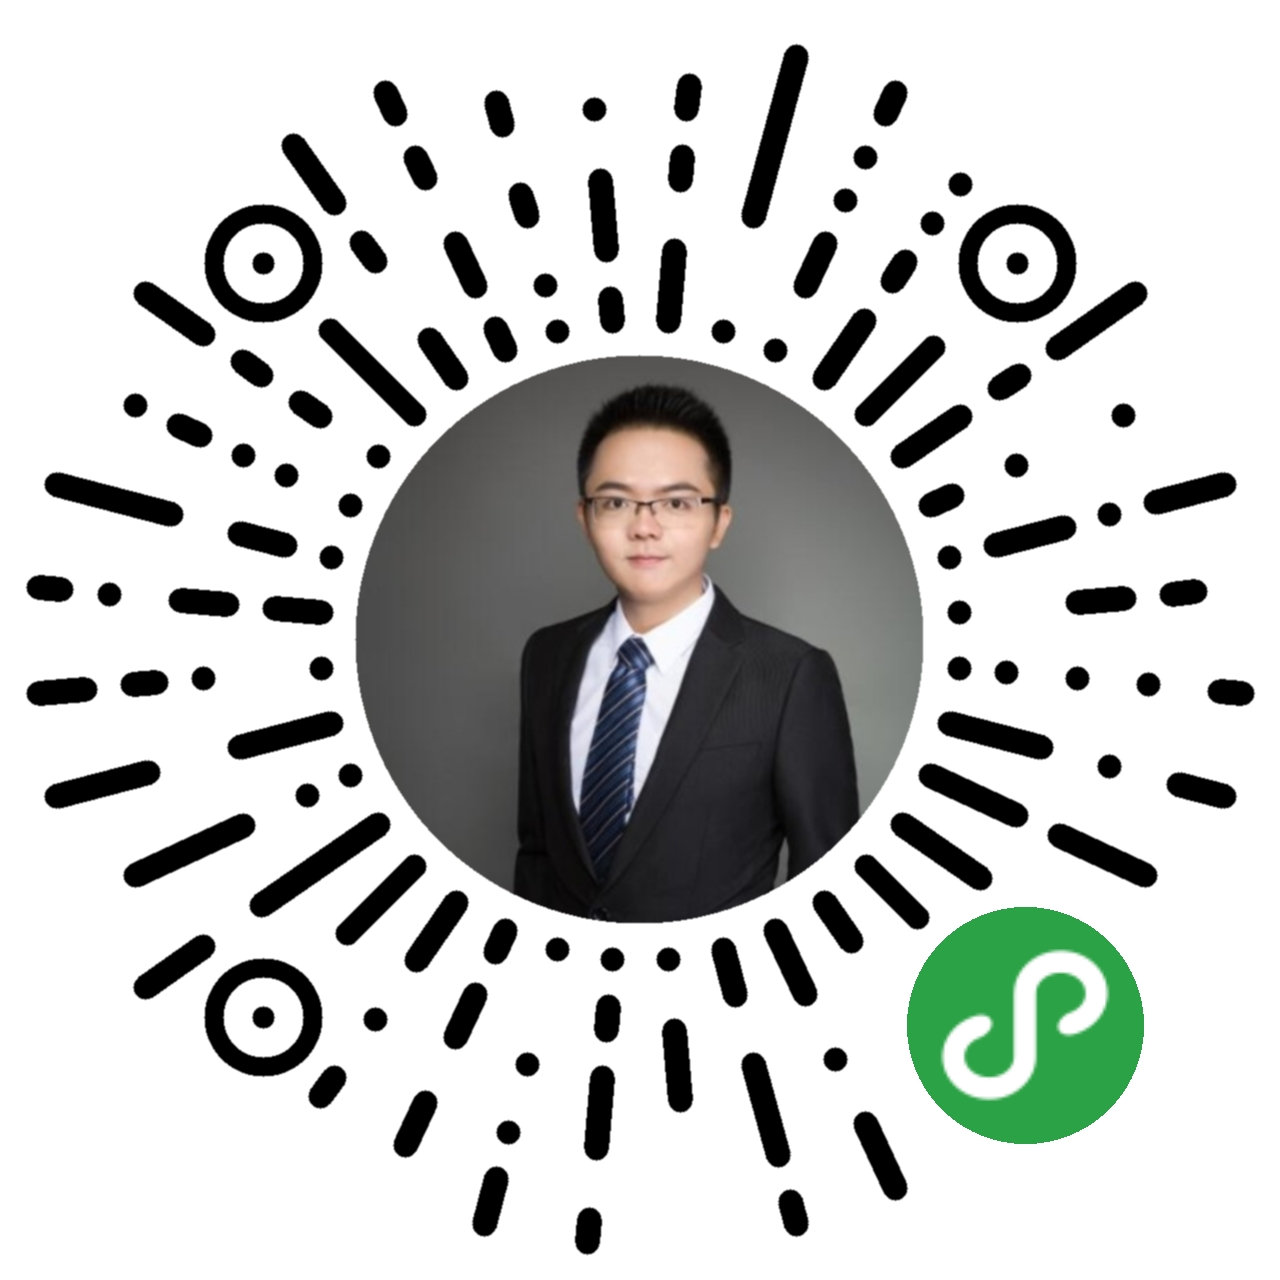 广州刑事辩护律师李汉林小程序二维码